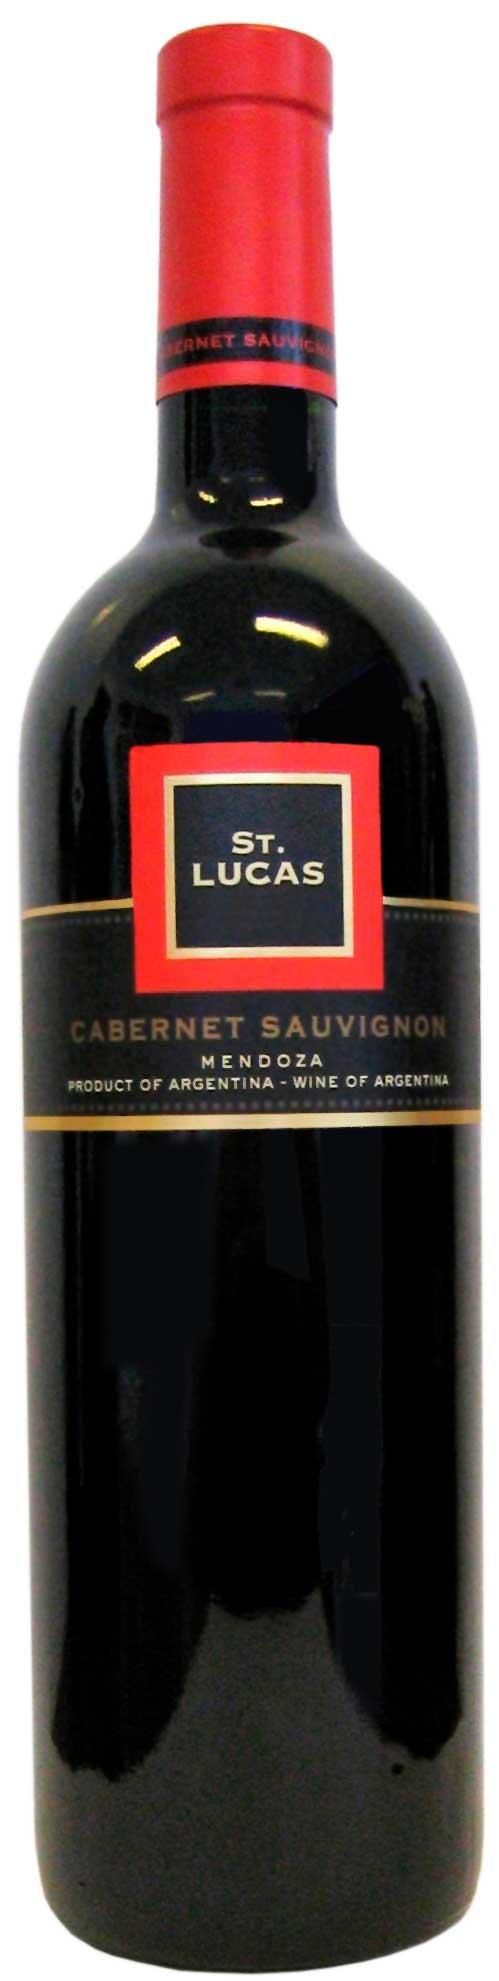 St. lucas Cabernet Sauvignon ( Pascual Toso ) 2004